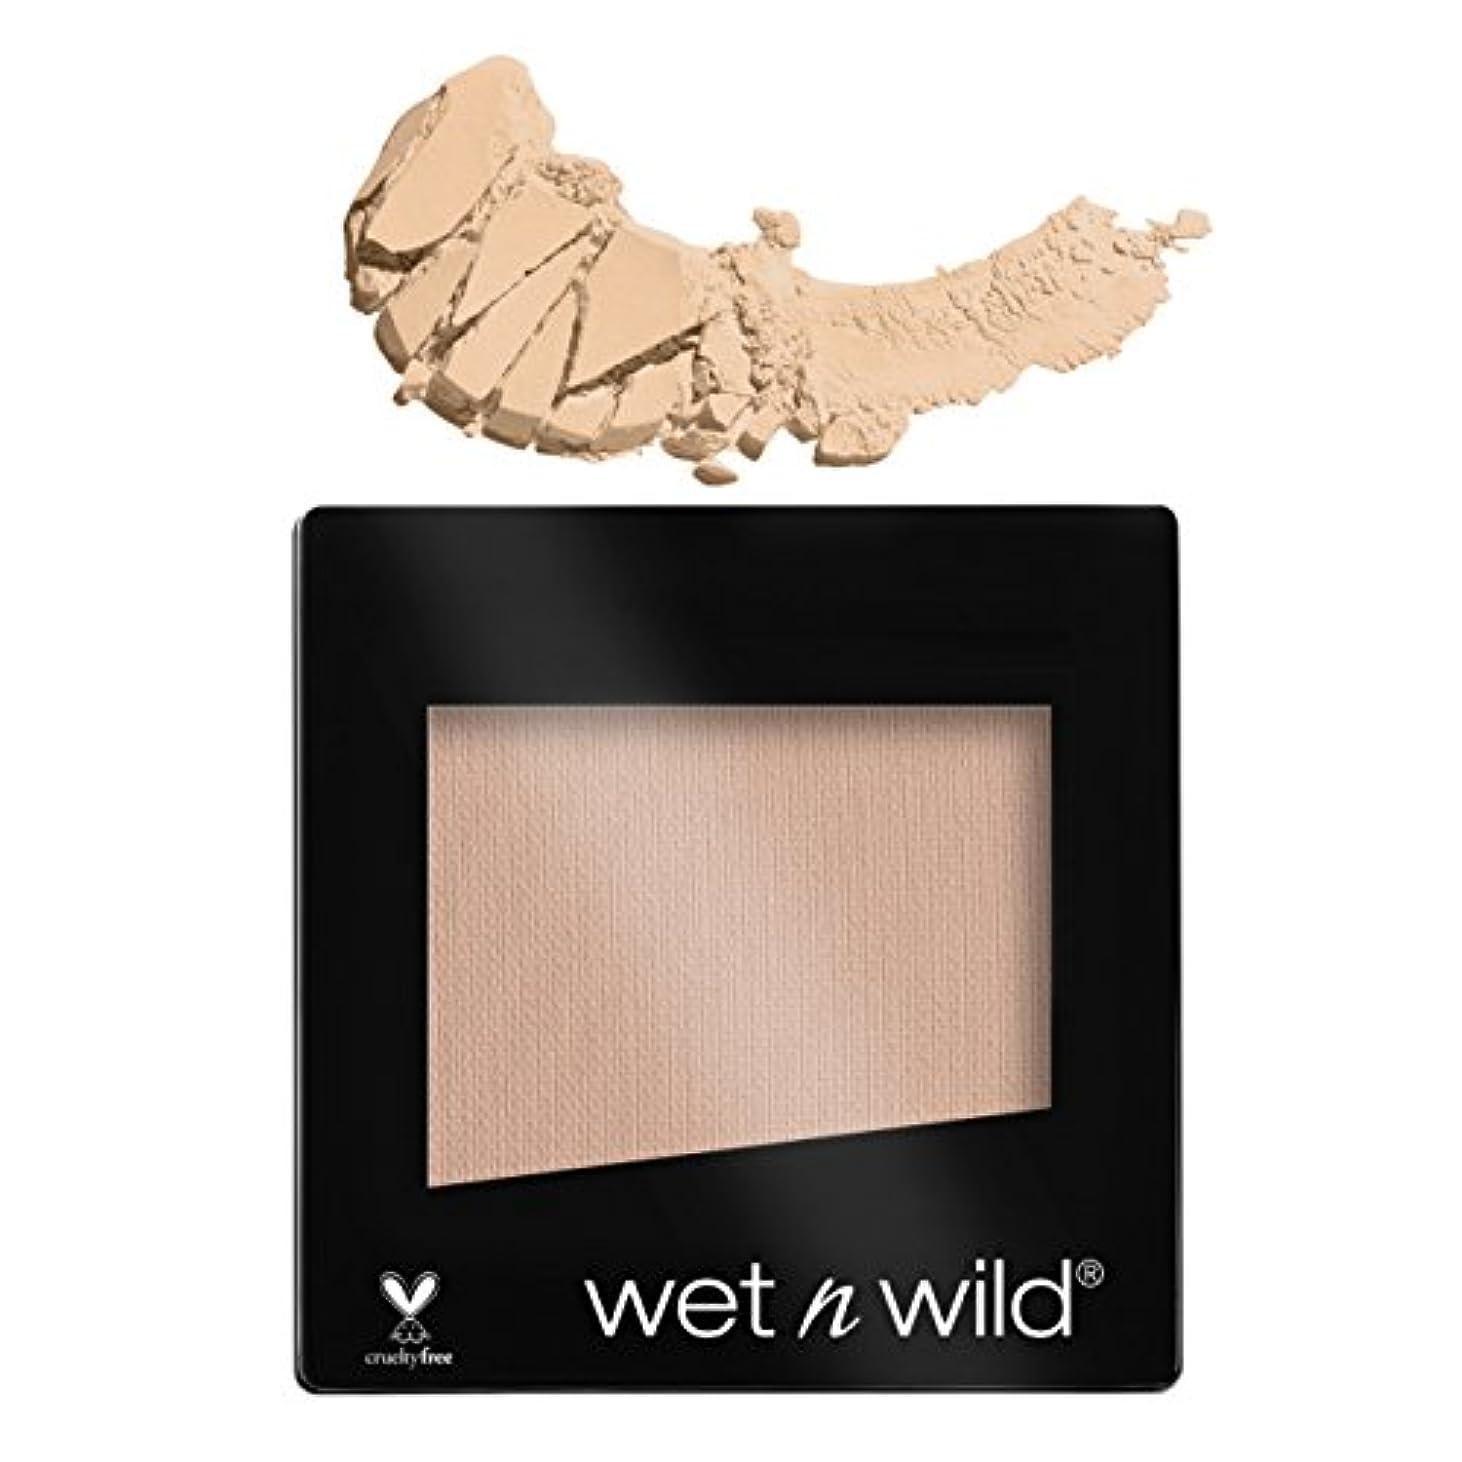 事前にしがみつく相互接続(3 Pack) WET N WILD Color Icon Eyeshadow Single - Brulee (NEW) (並行輸入品)